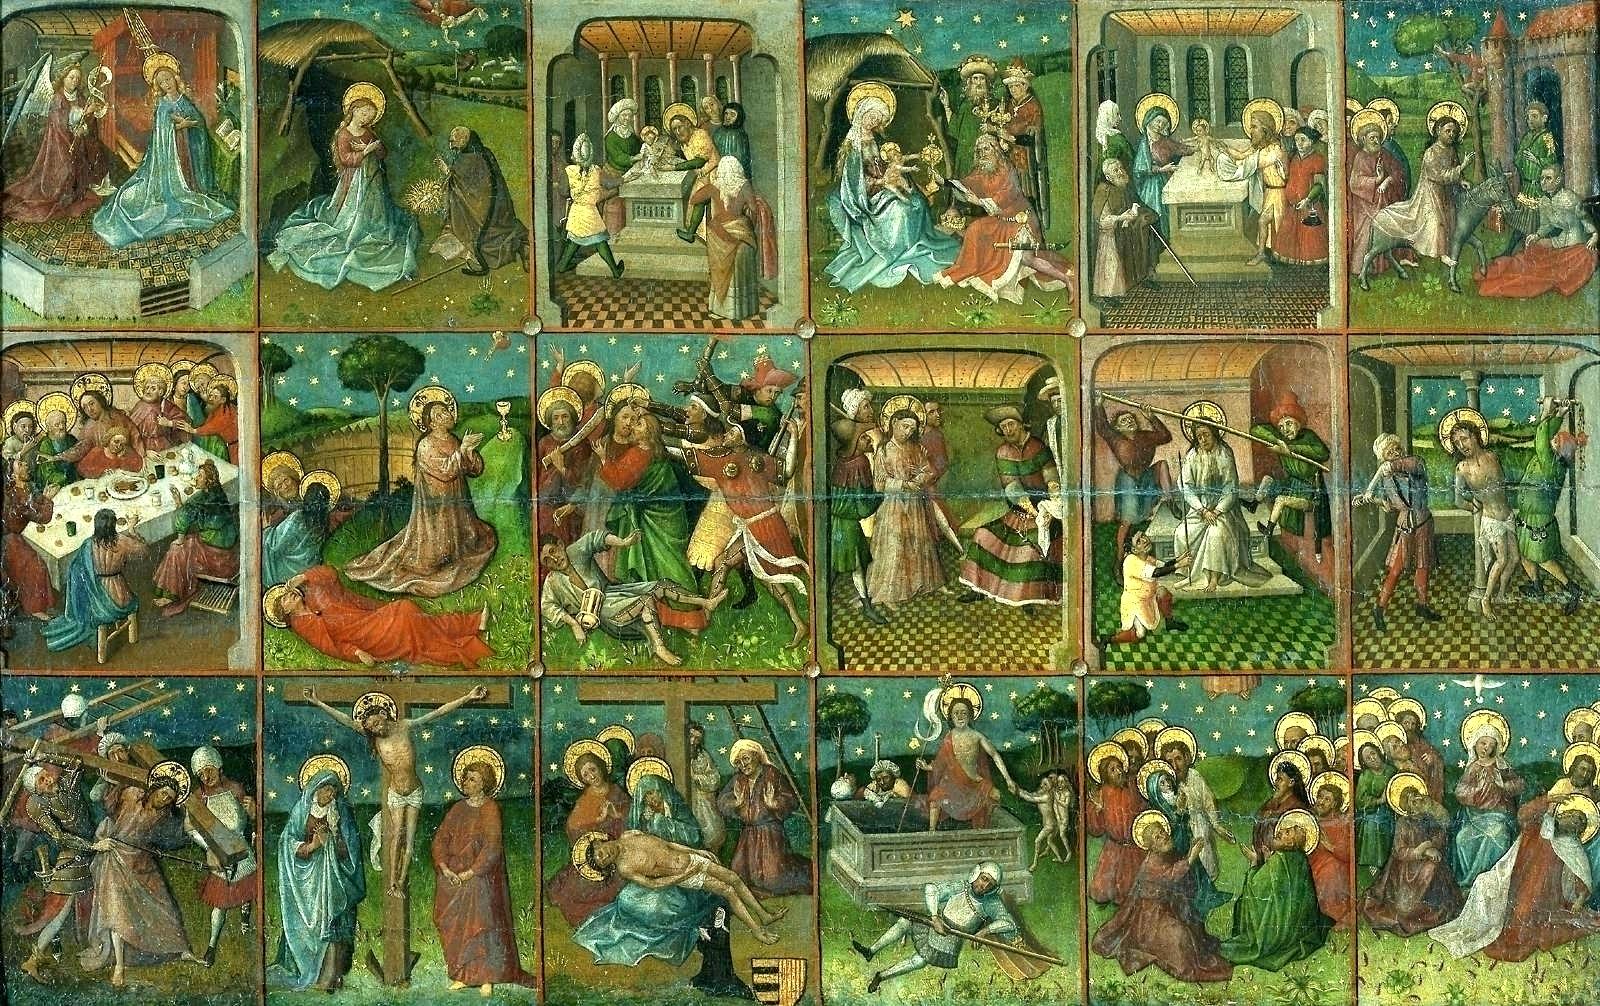 Неделя перед Пасхой по дням: традиции и приметы